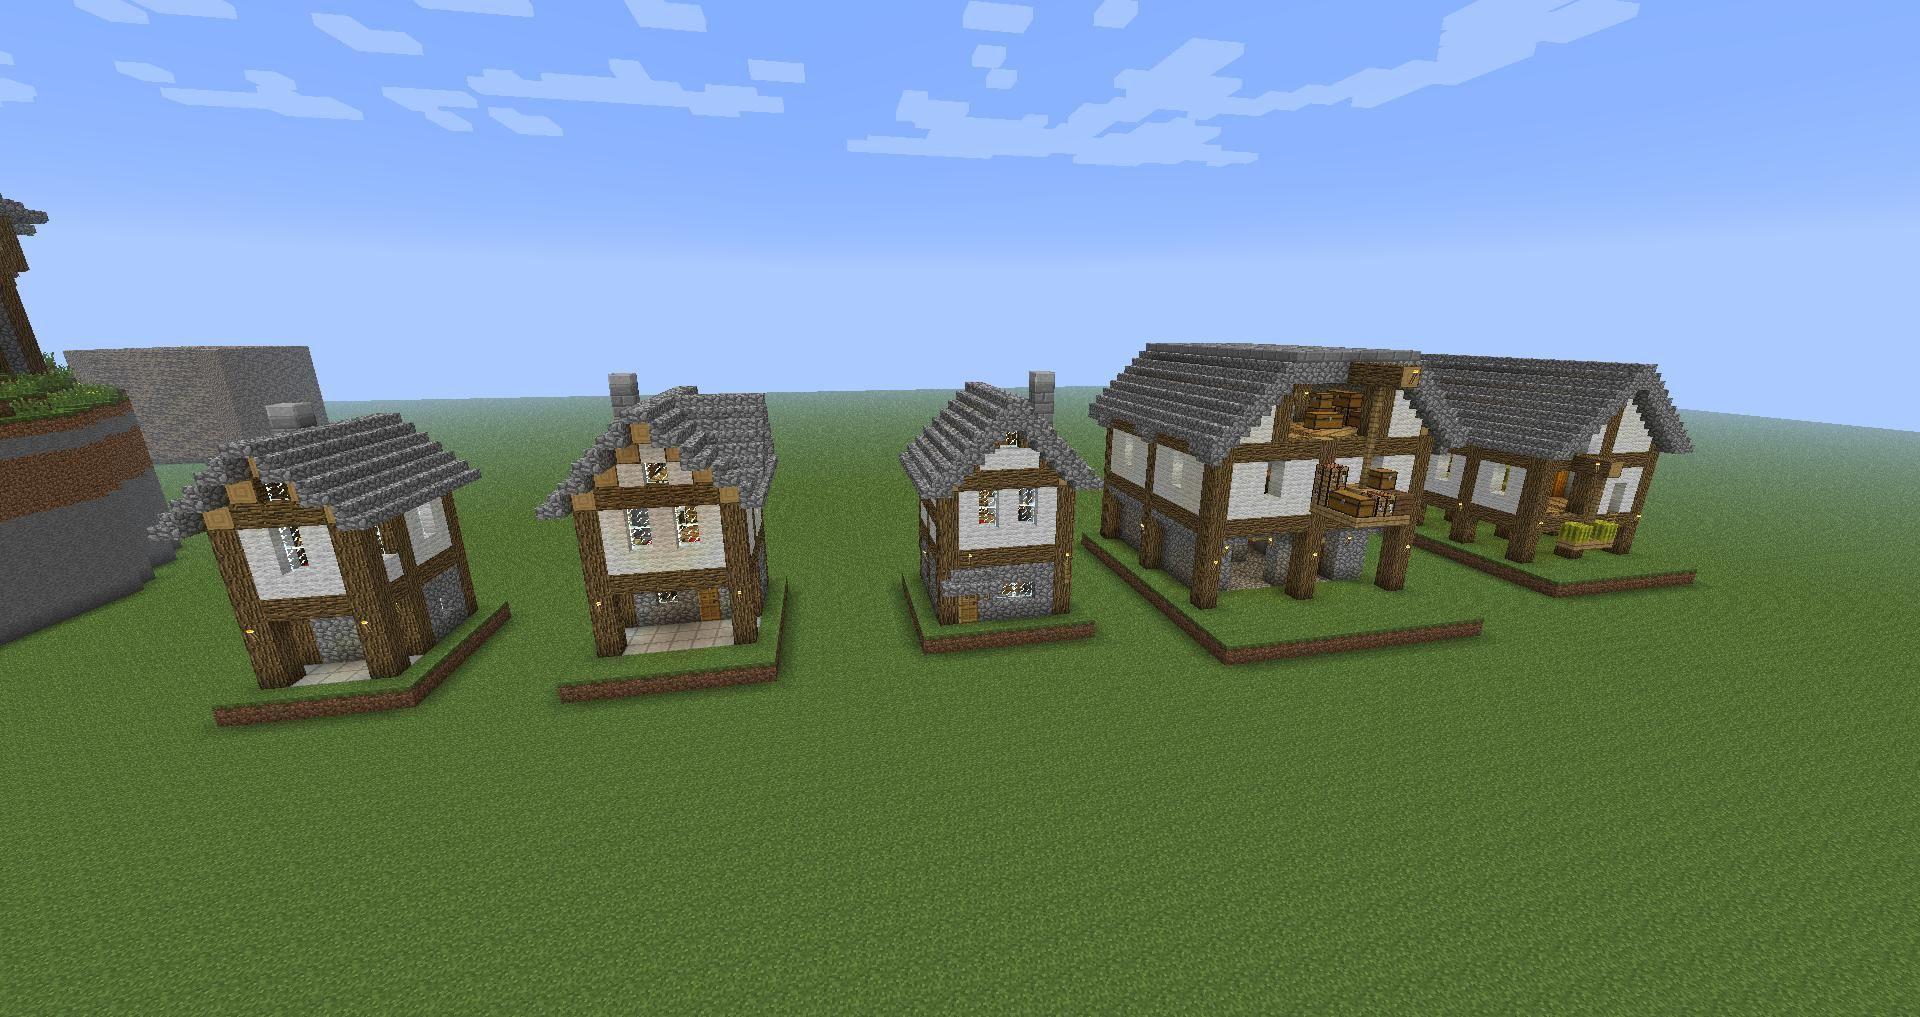 Minecraft small village house design - best house design